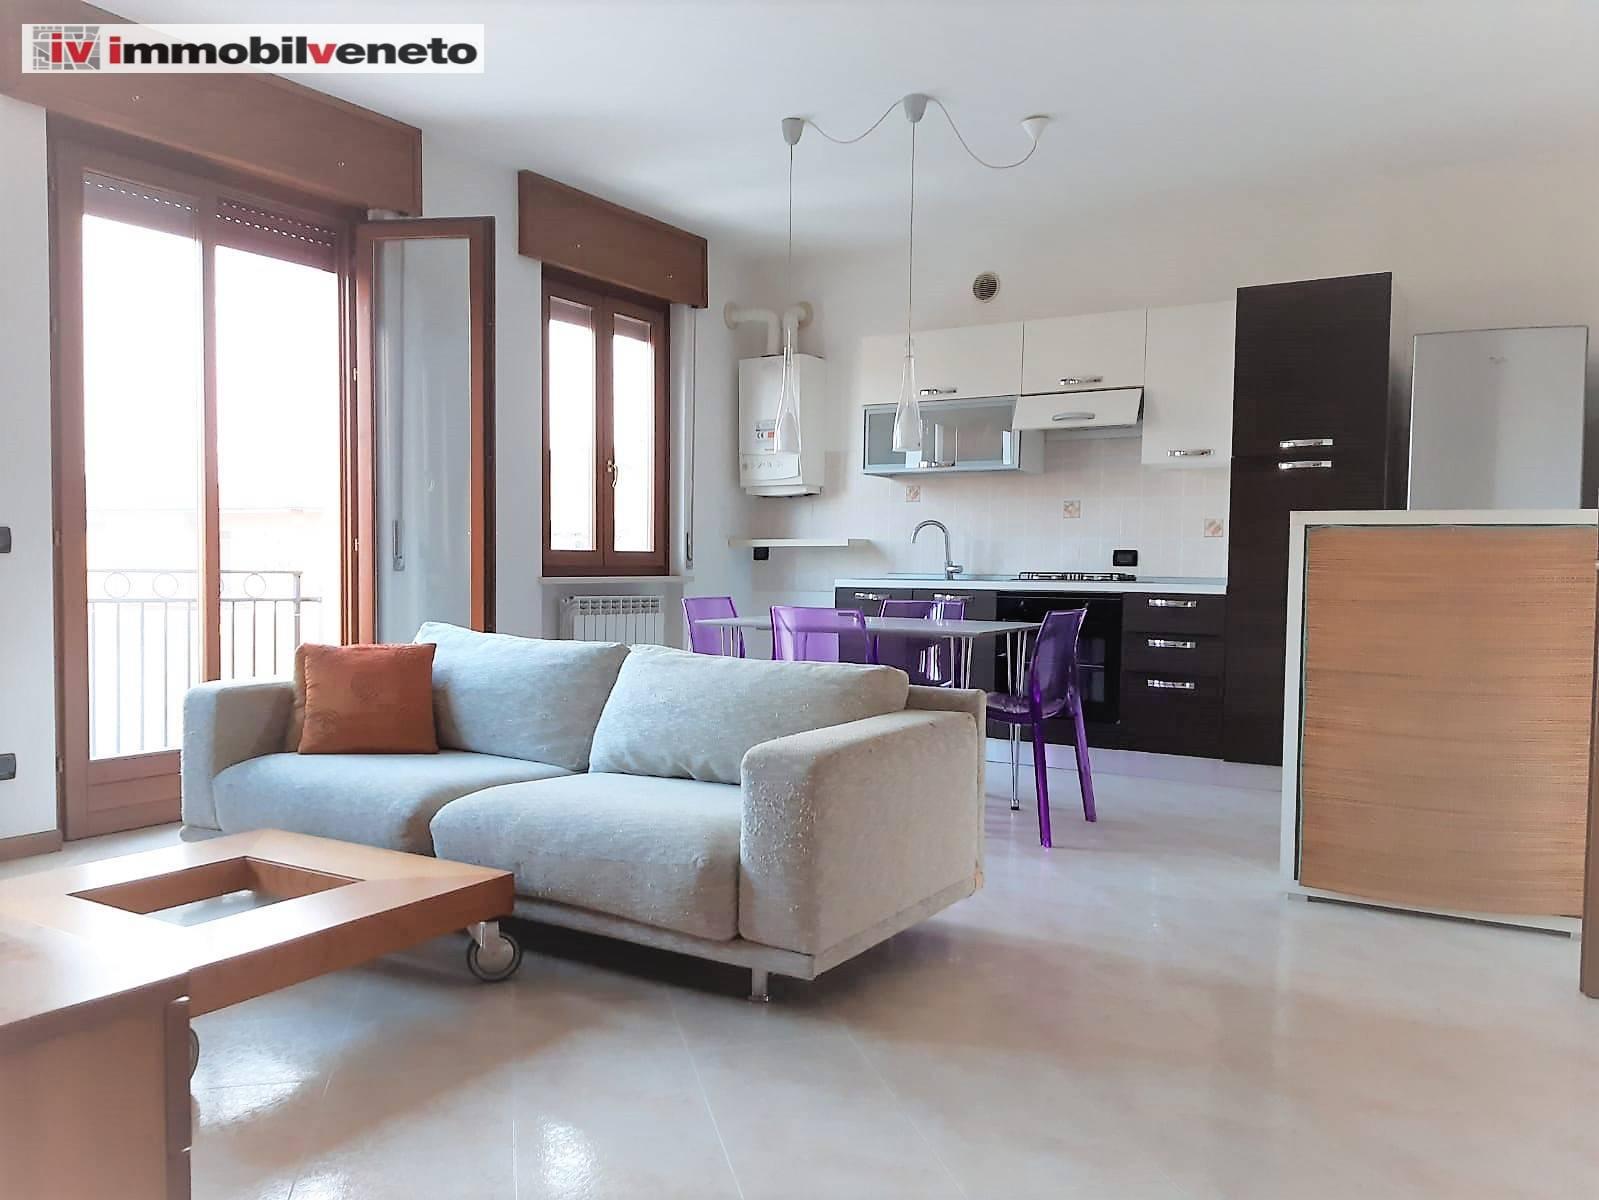 Appartamento in vendita a Lonigo, 5 locali, zona nna, prezzo € 133.000 | PortaleAgenzieImmobiliari.it